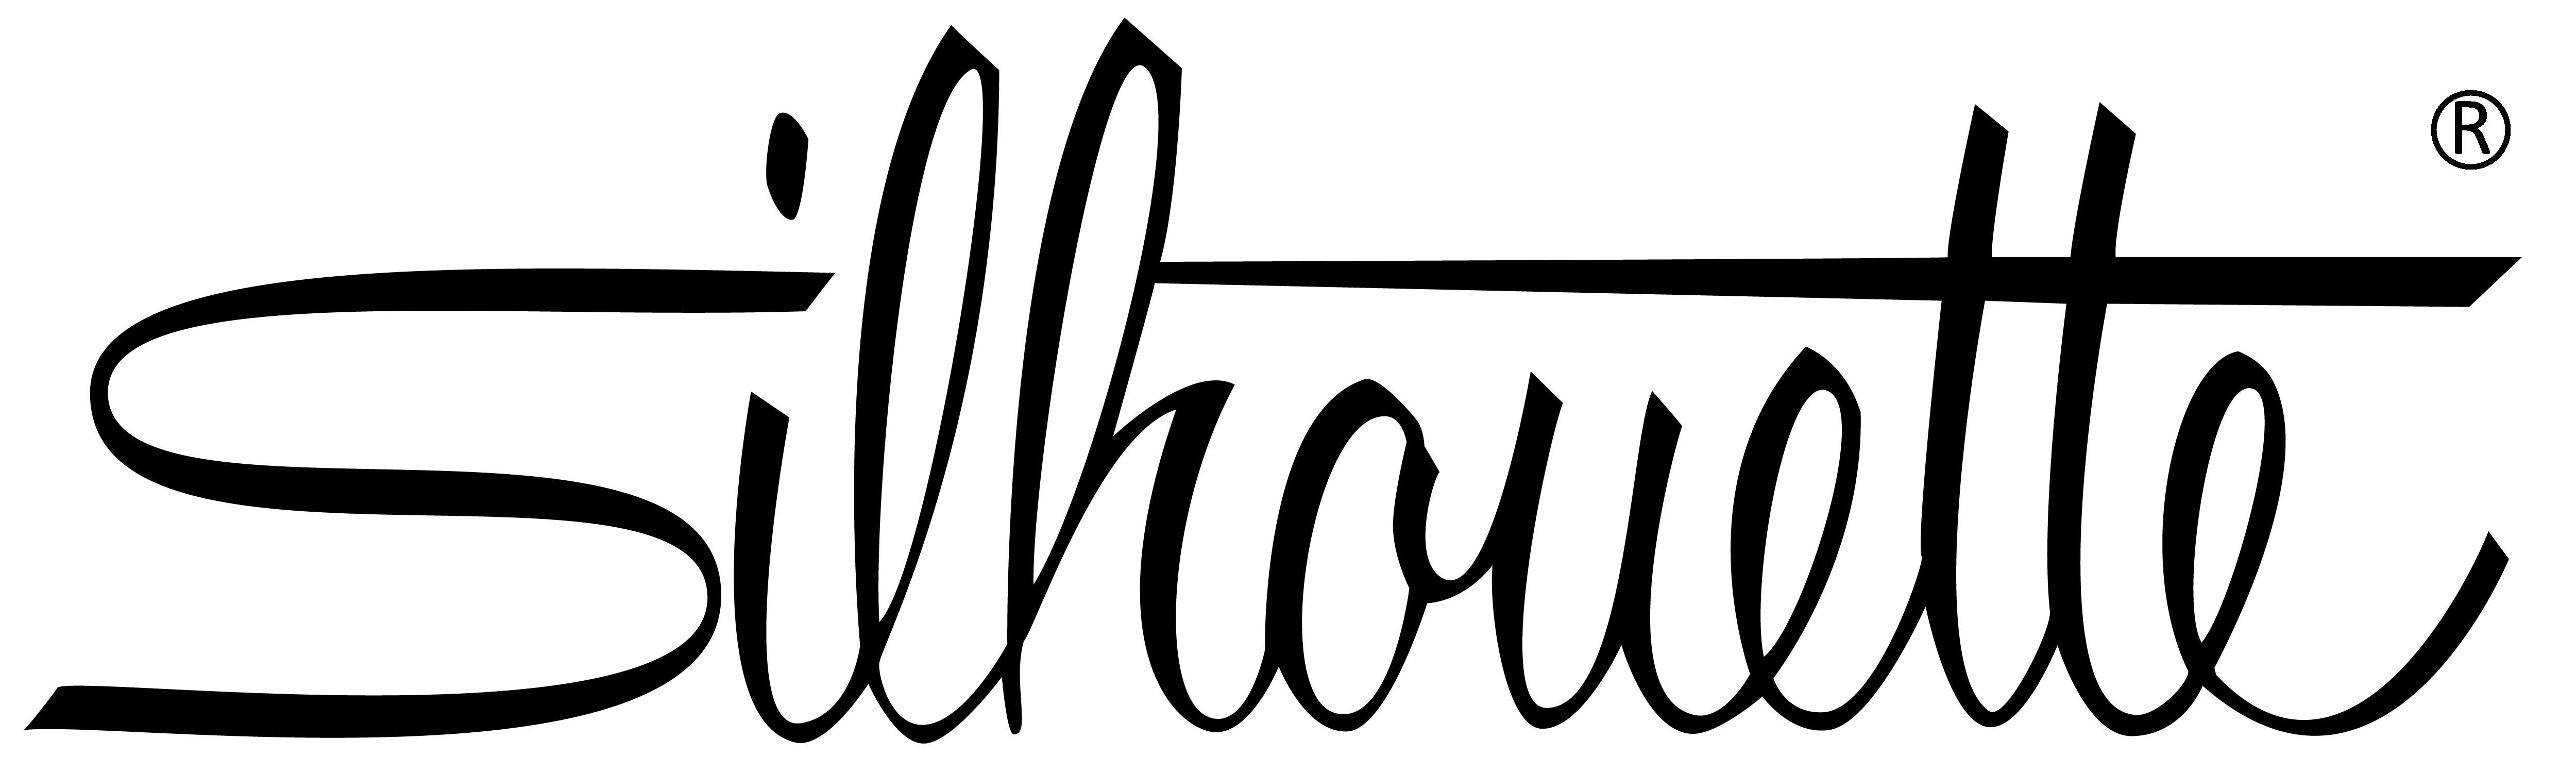 Risultati immagini per logo silhouette png